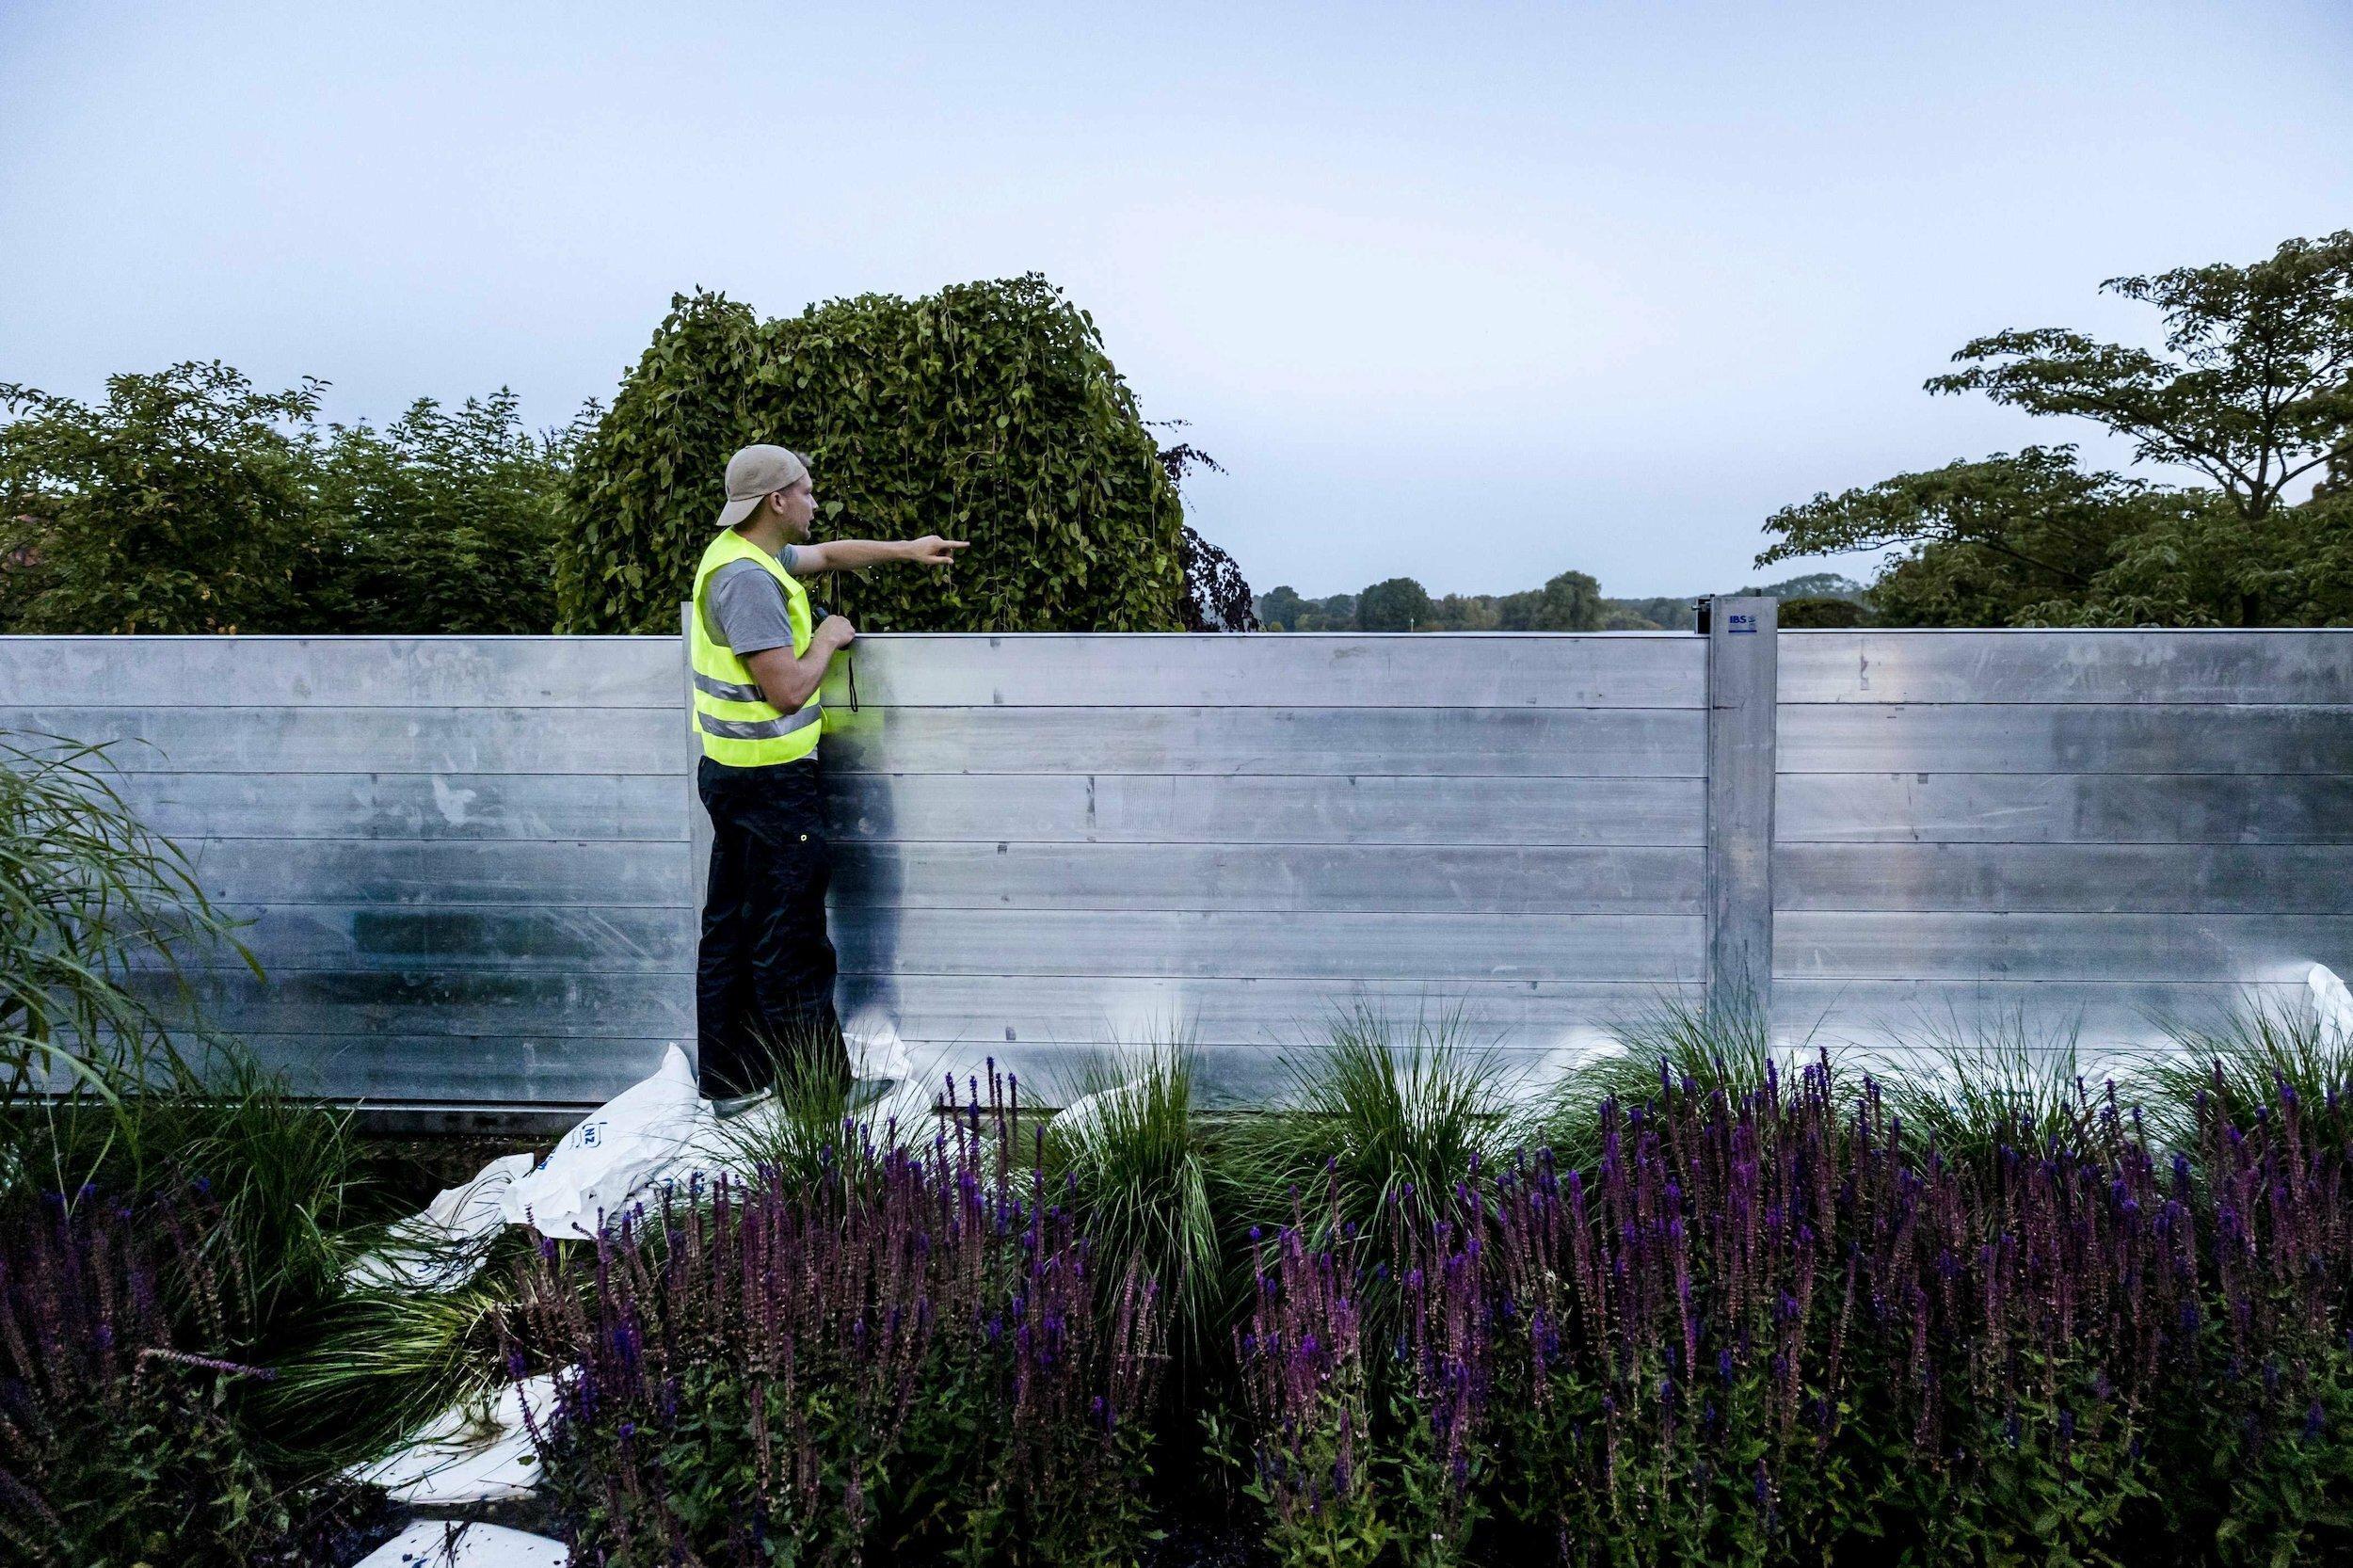 Ein Mann steht vor einer Aluwand auf einer Leiter und deutet auf das dahinterliegende Wasser